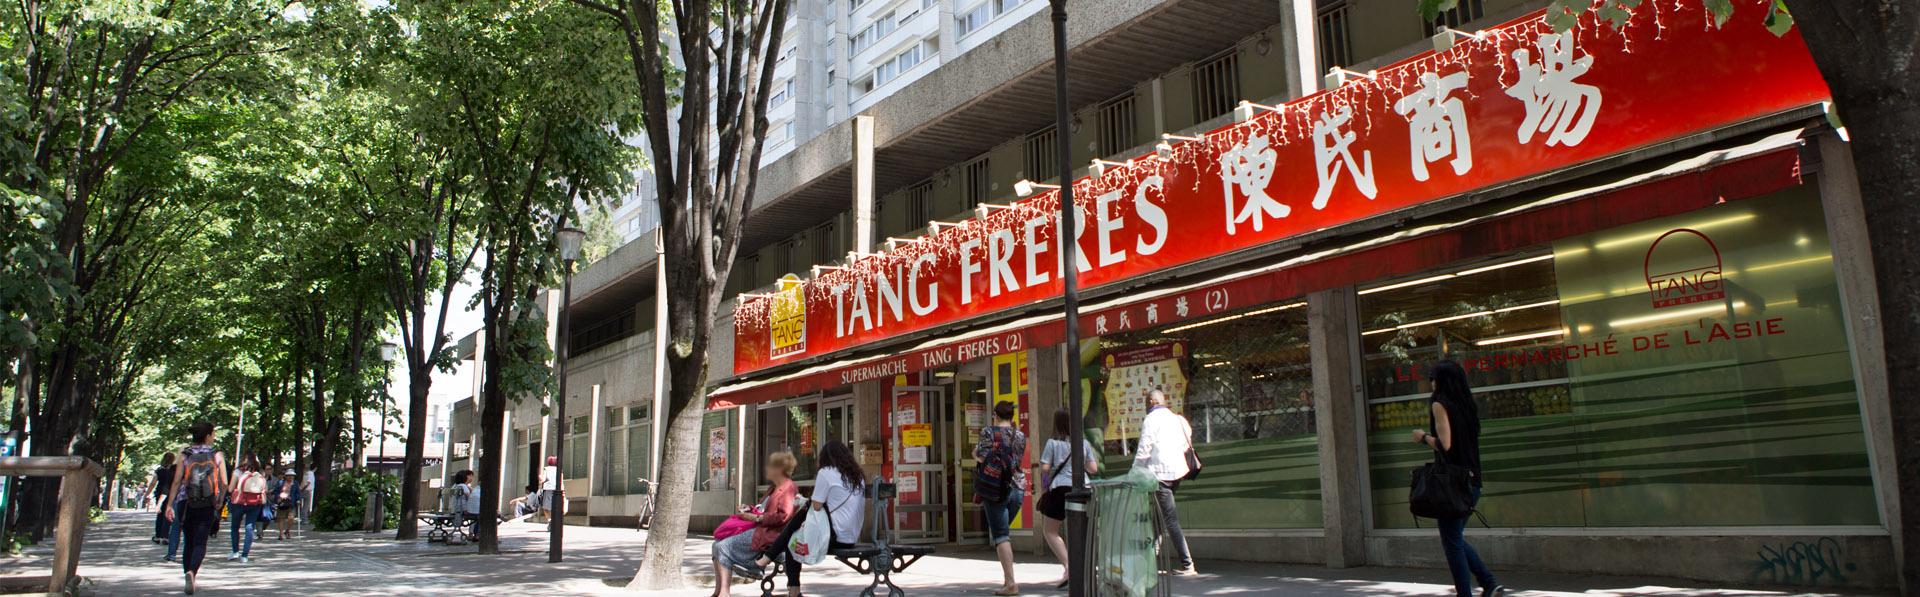 20171027-ouverture-magasins-tang-freres-et-tang-gourmet-durant-les-jours-feries-novembre-2017 - 20171027-ouverture-magasins-tang-freres-et-tang-gourmet-durant-les-jours-feries-novembre-2017.jpg